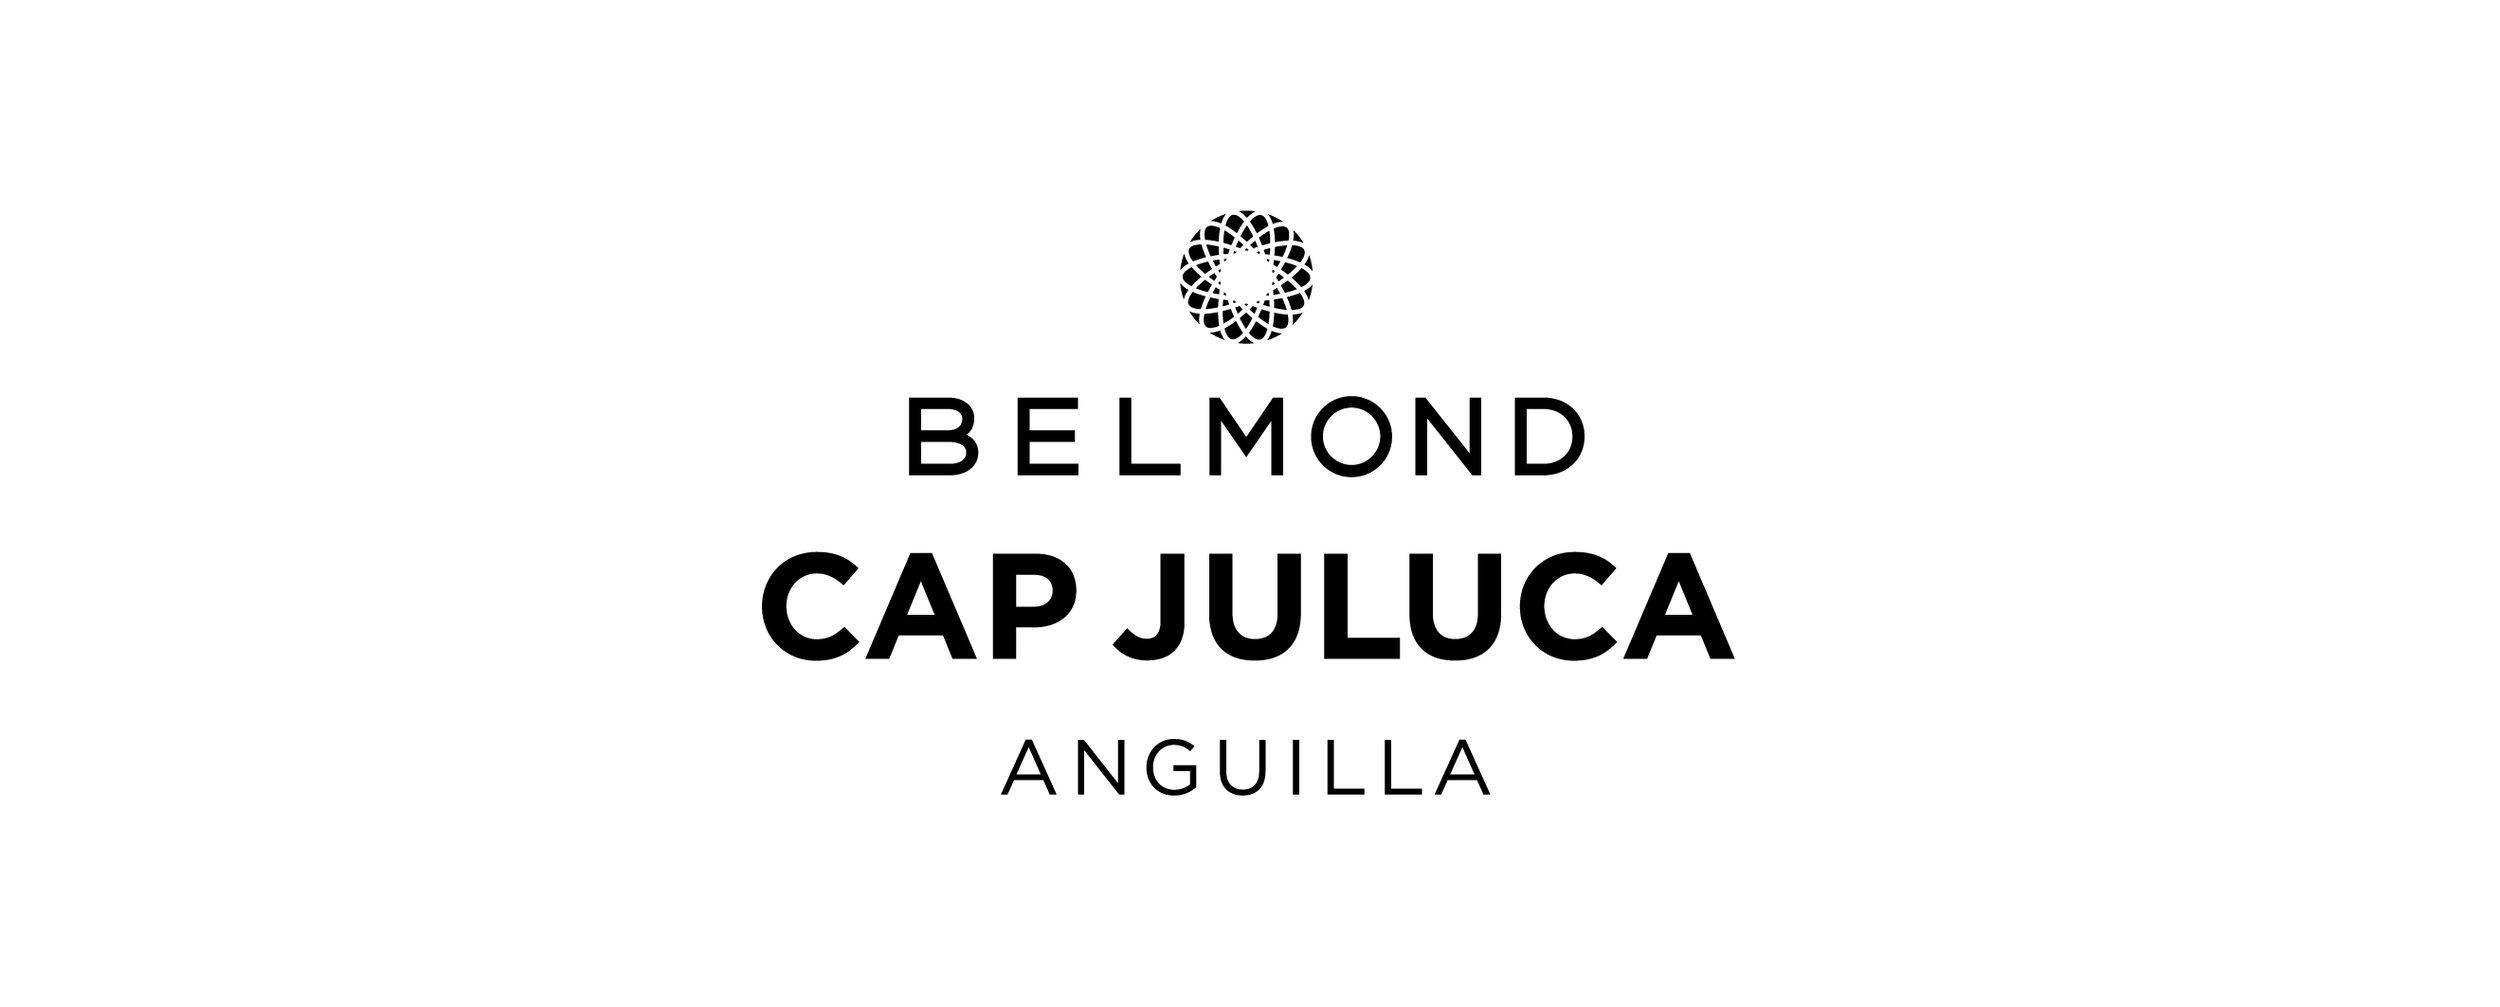 CAPJULUCA -LOGO.jpg